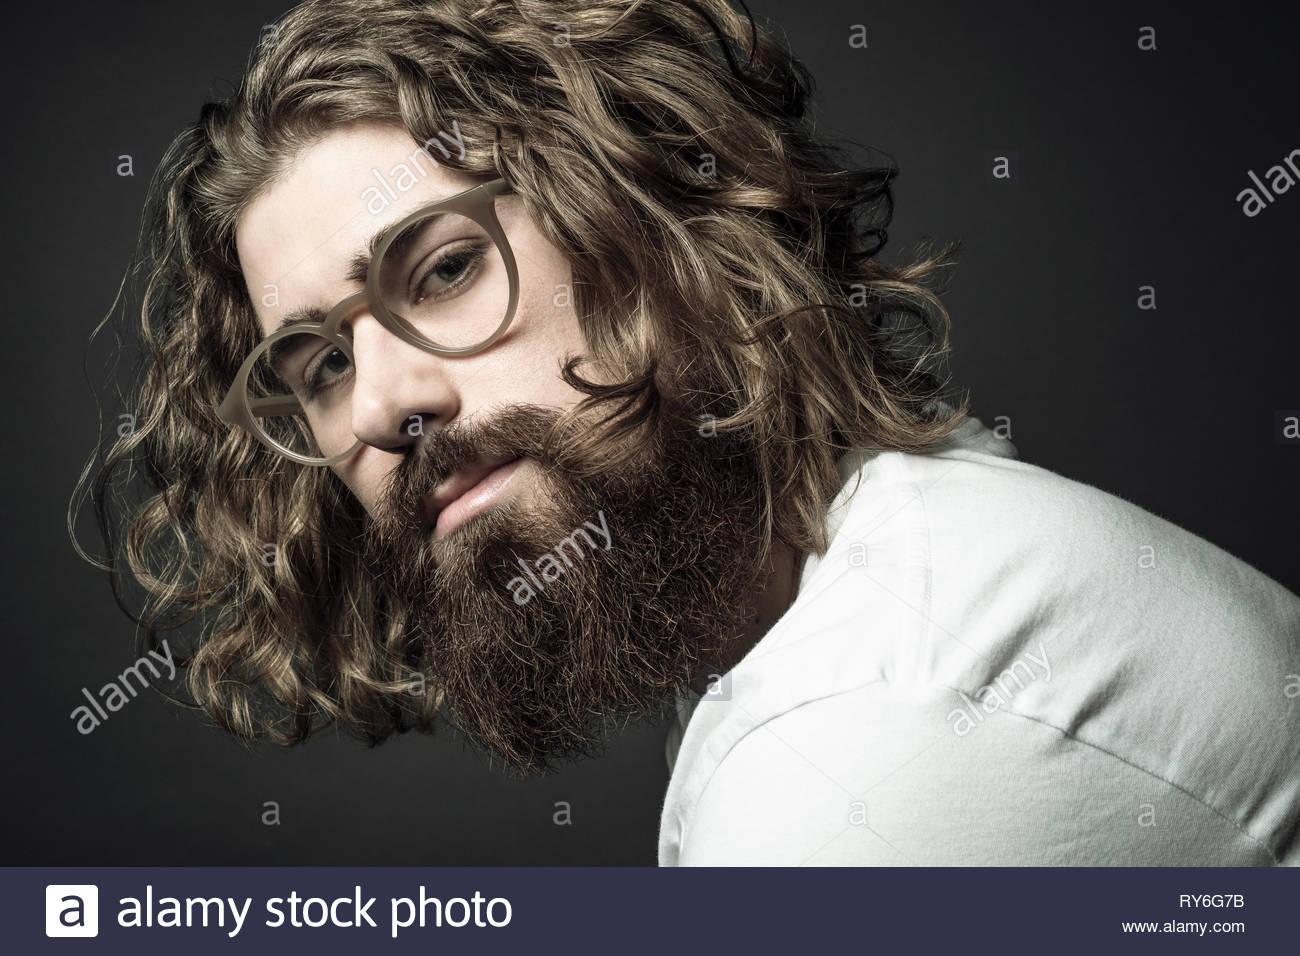 Ritratto fiduciosi bel giovane ricci con i capelli lunghi e la barba Immagini Stock